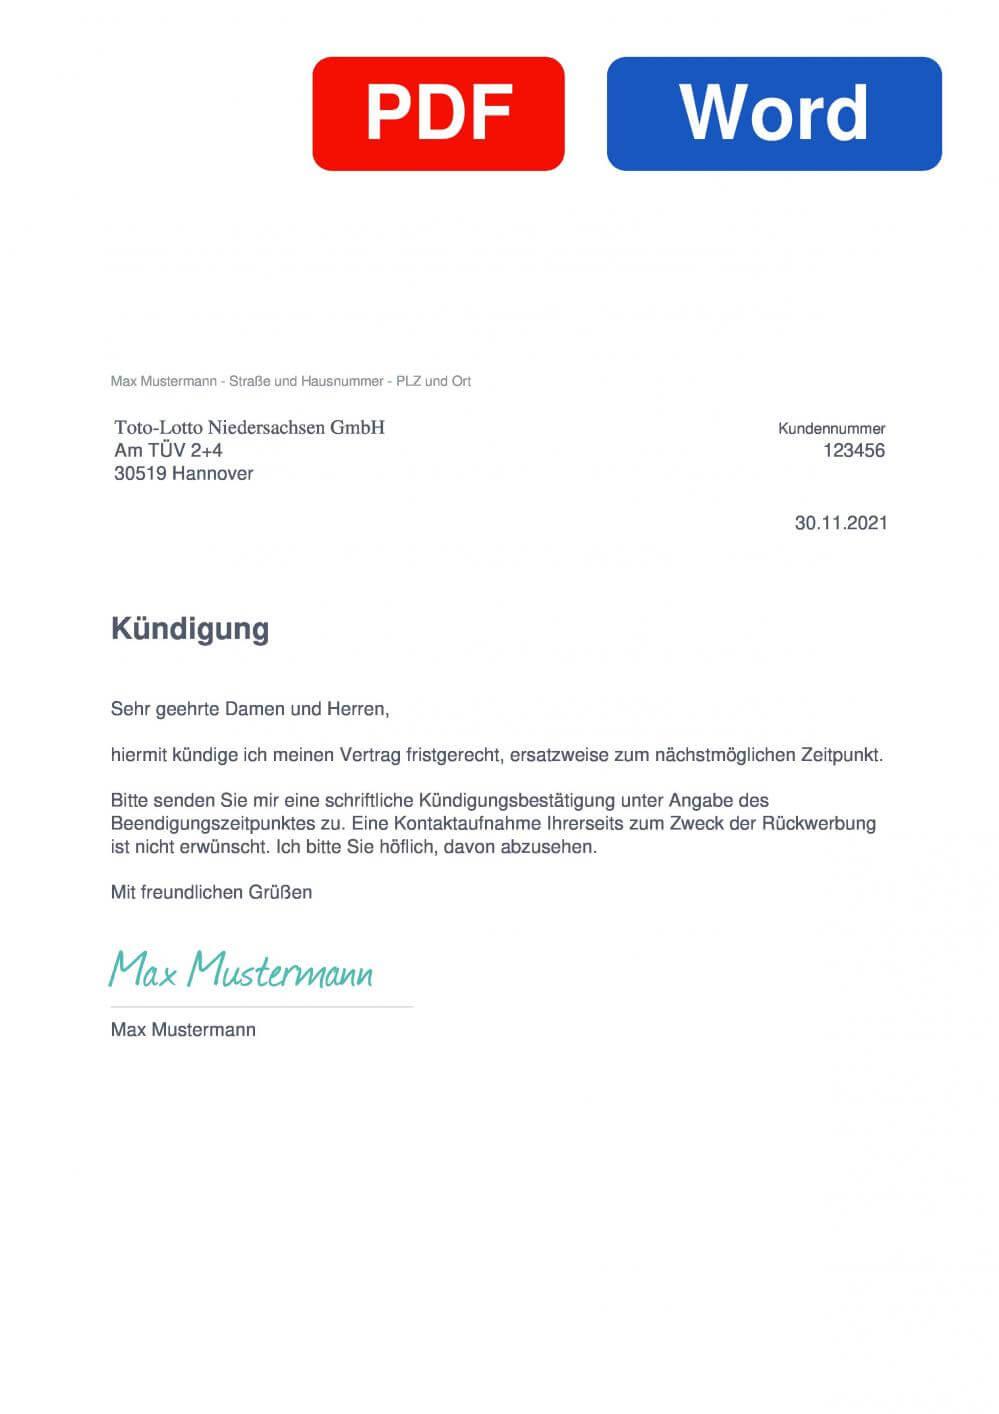 LOTTO Niedersachsen Muster Vorlage für Kündigungsschreiben